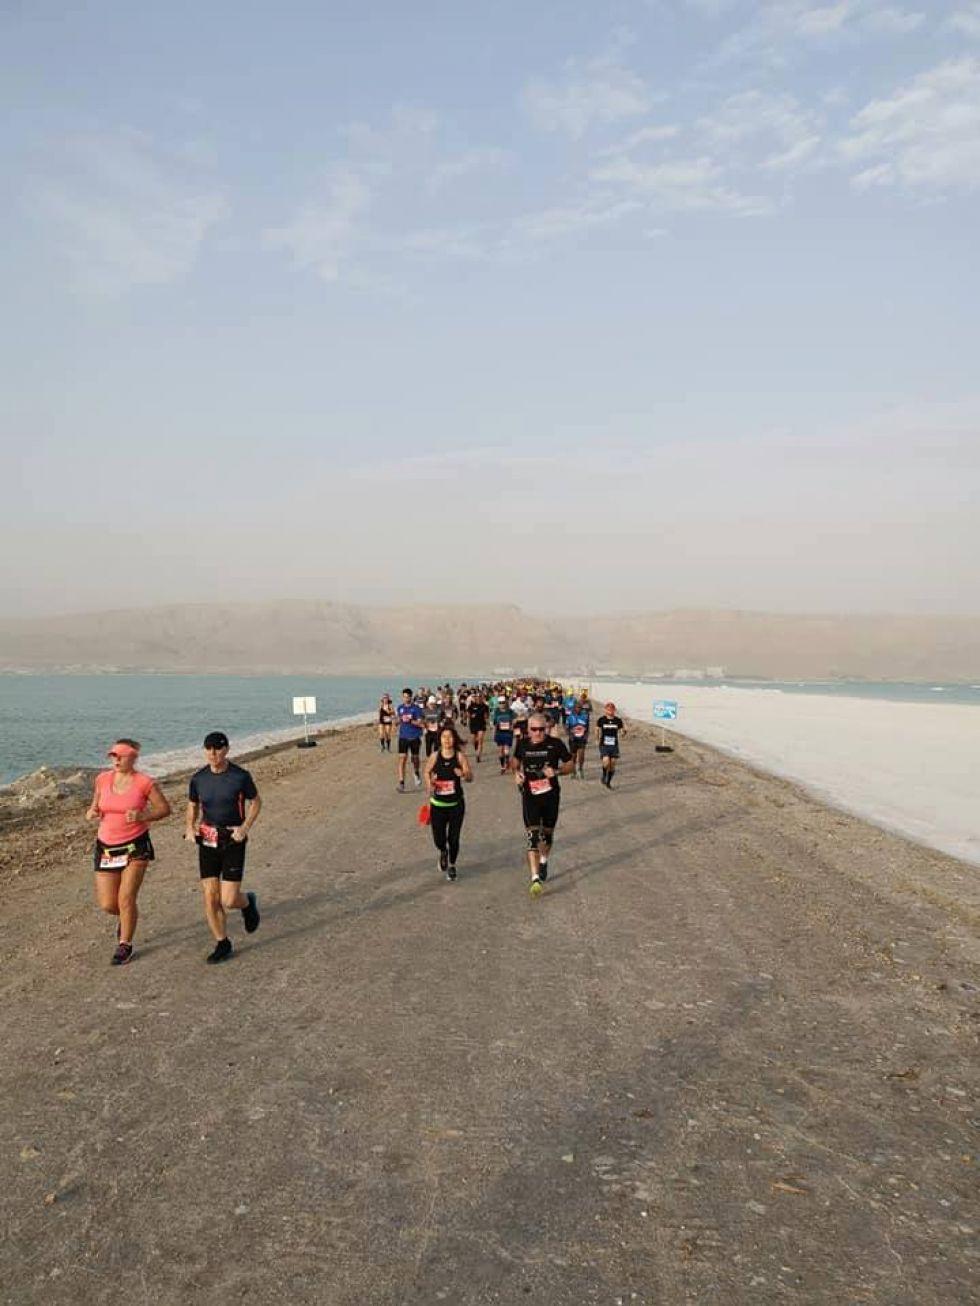 biegaj-i-zwiedzaj-maraton-nad-morzem-martwym-w-izraelu